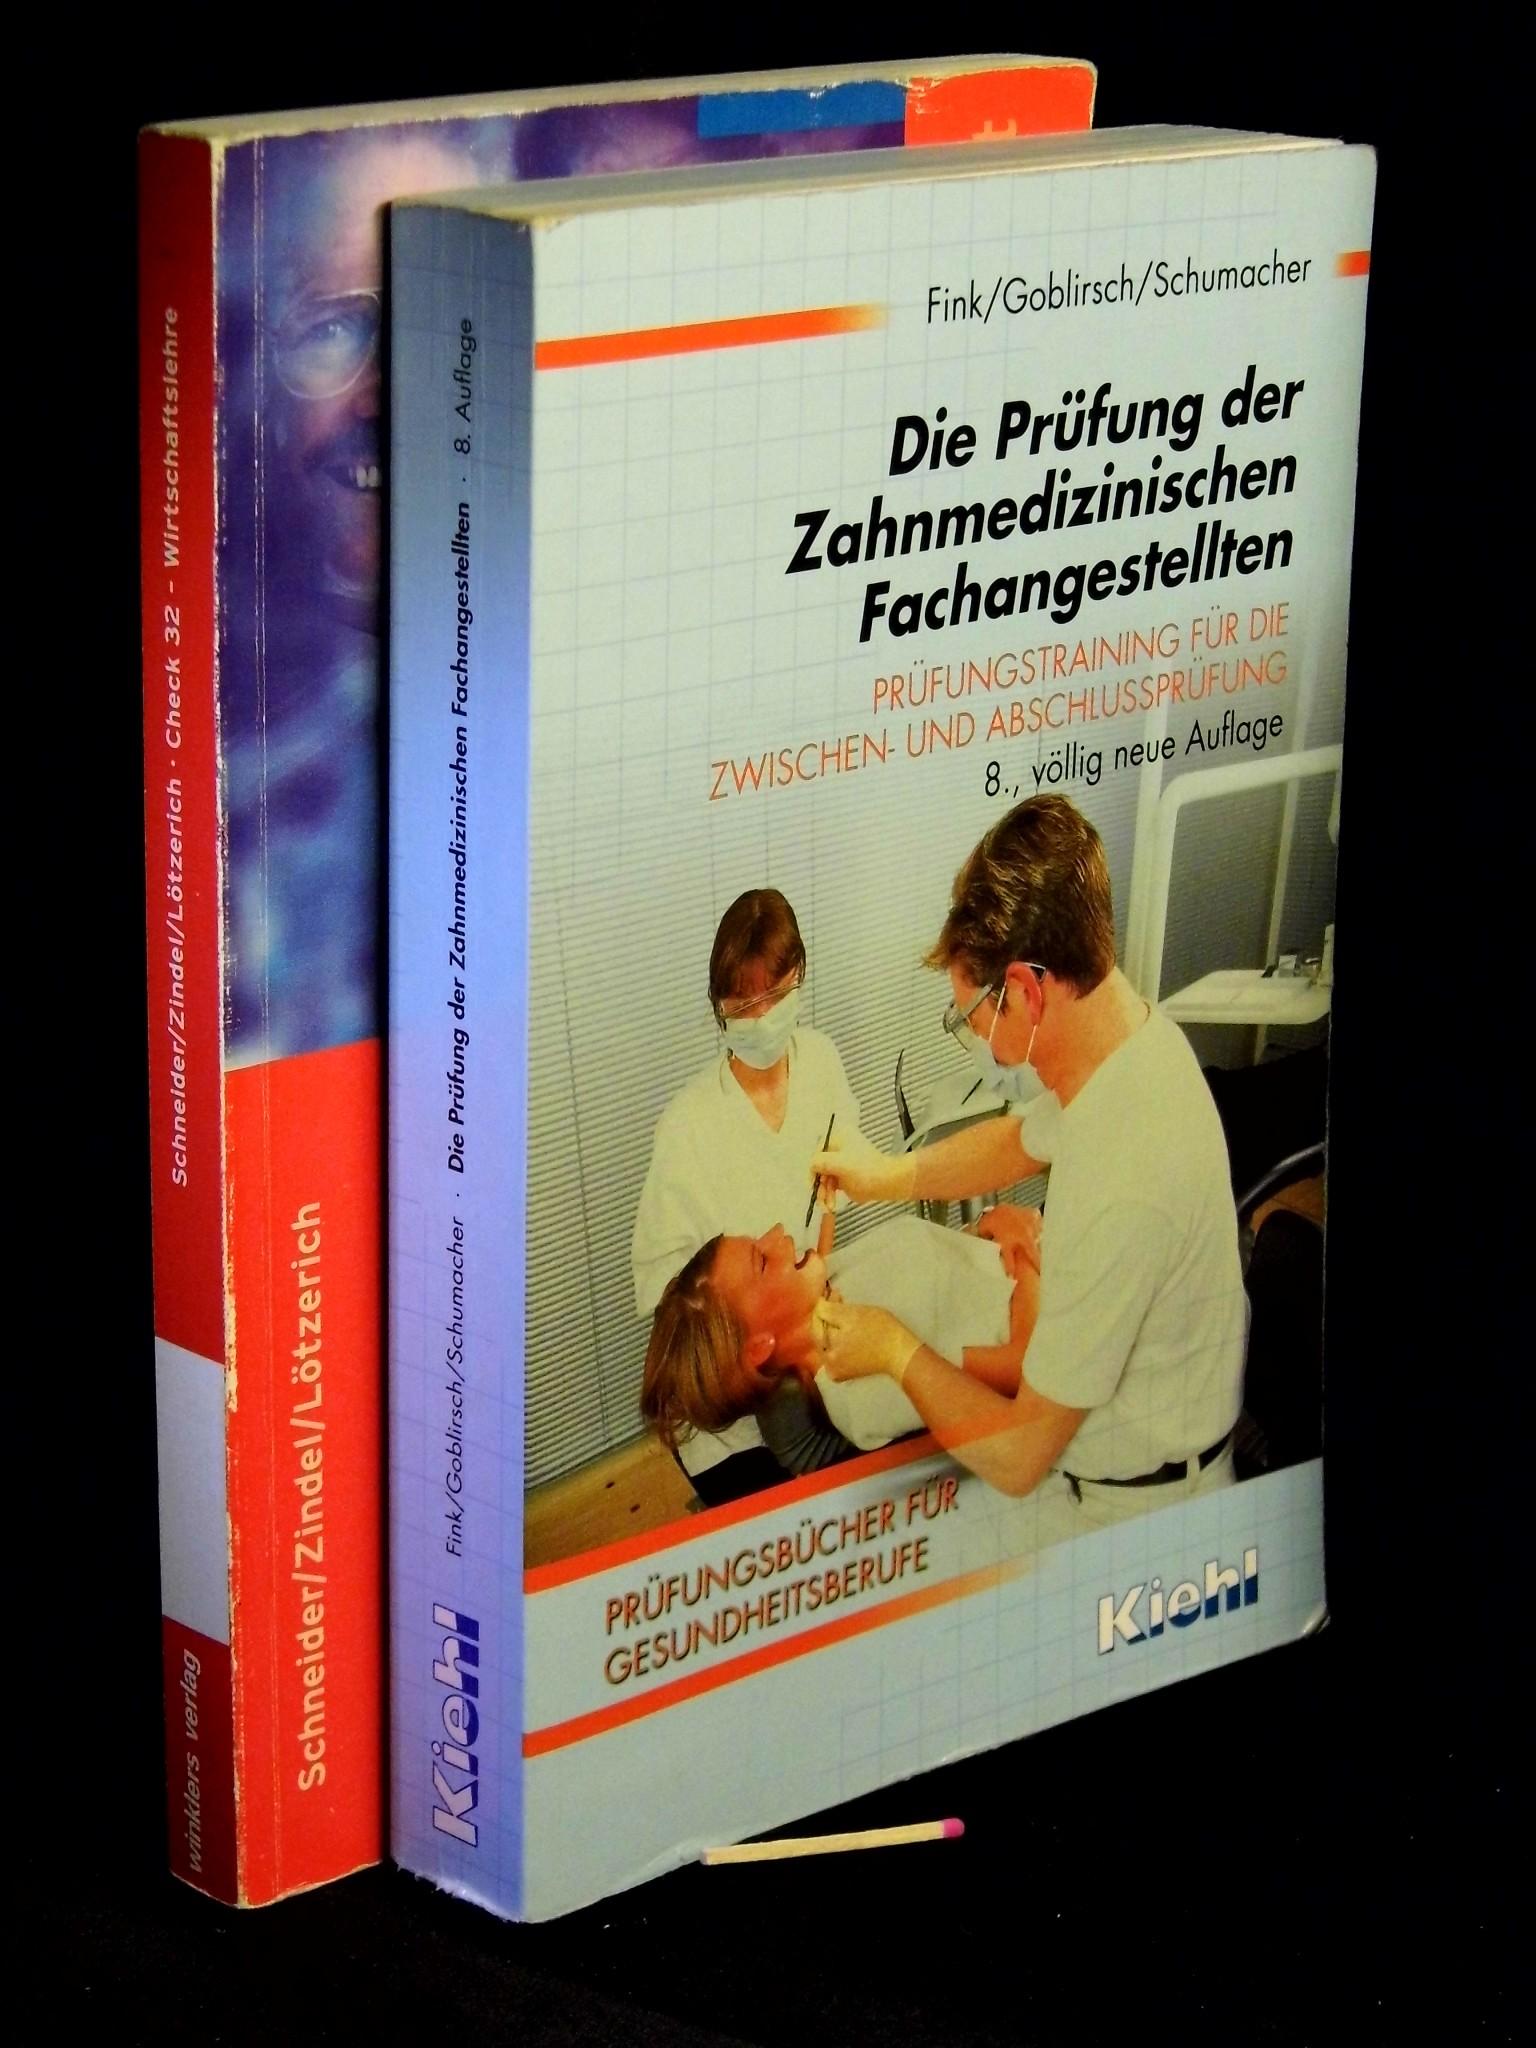 Prüfung zahnmedizinischen Fachangestellten Check 32 Wirtschaftslehre Fink Goblir